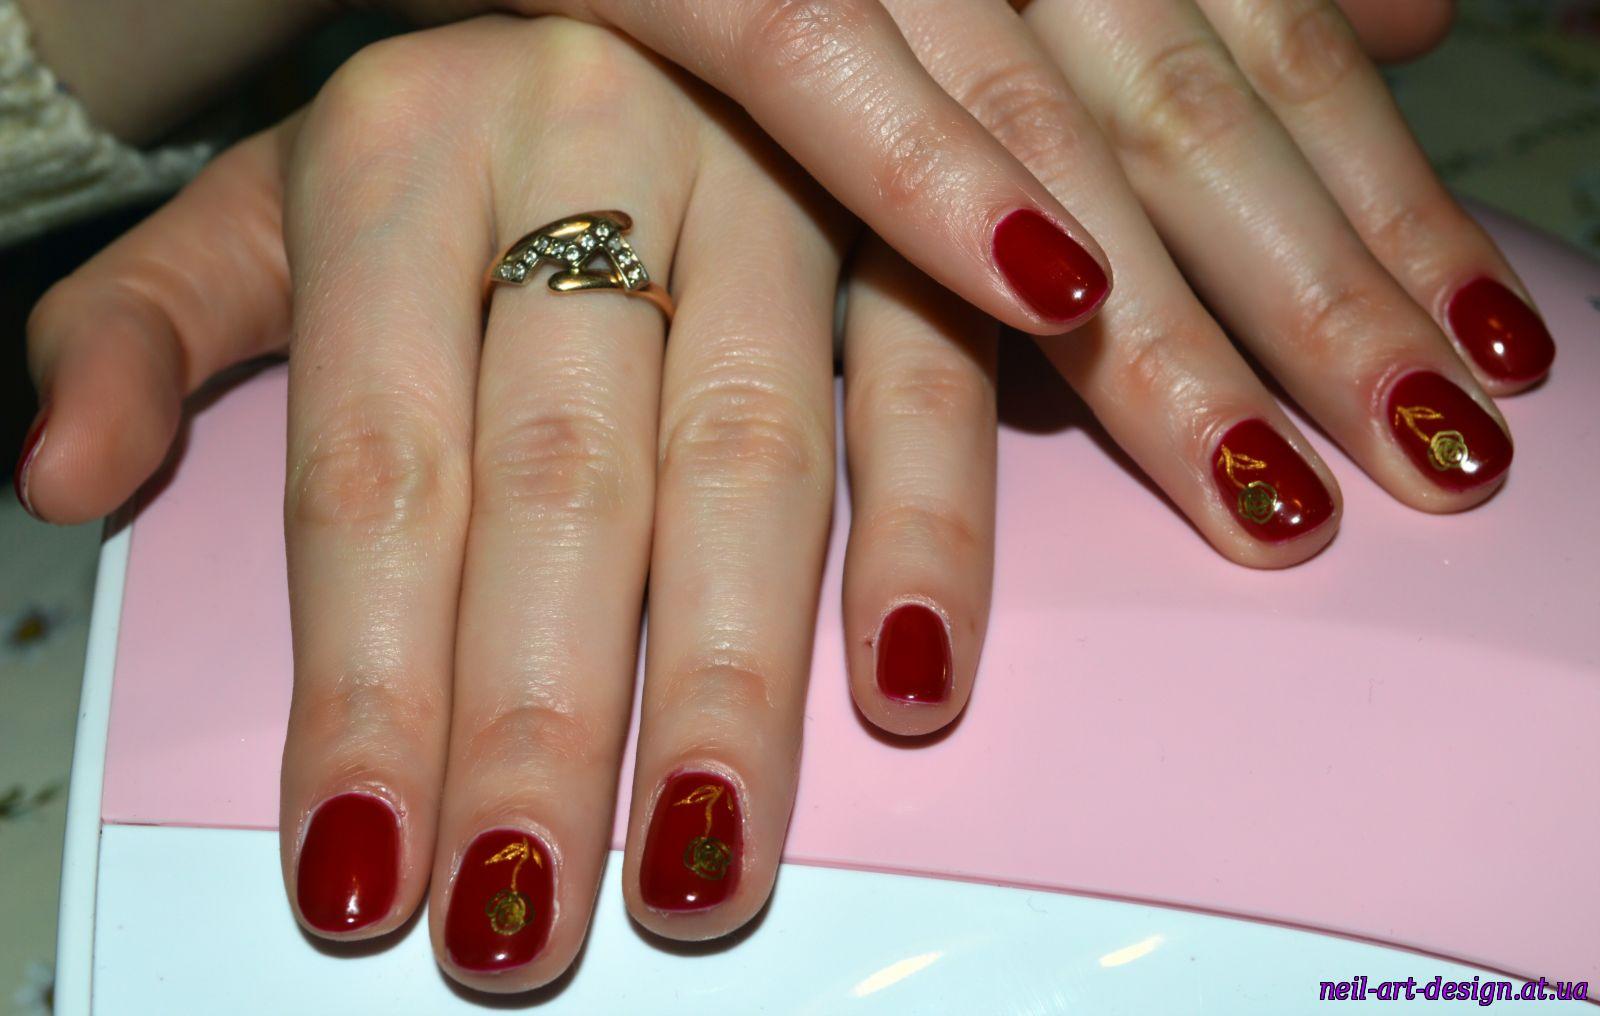 Вишневый маникюр: фото дизайна ногтей вишневого цвета 100